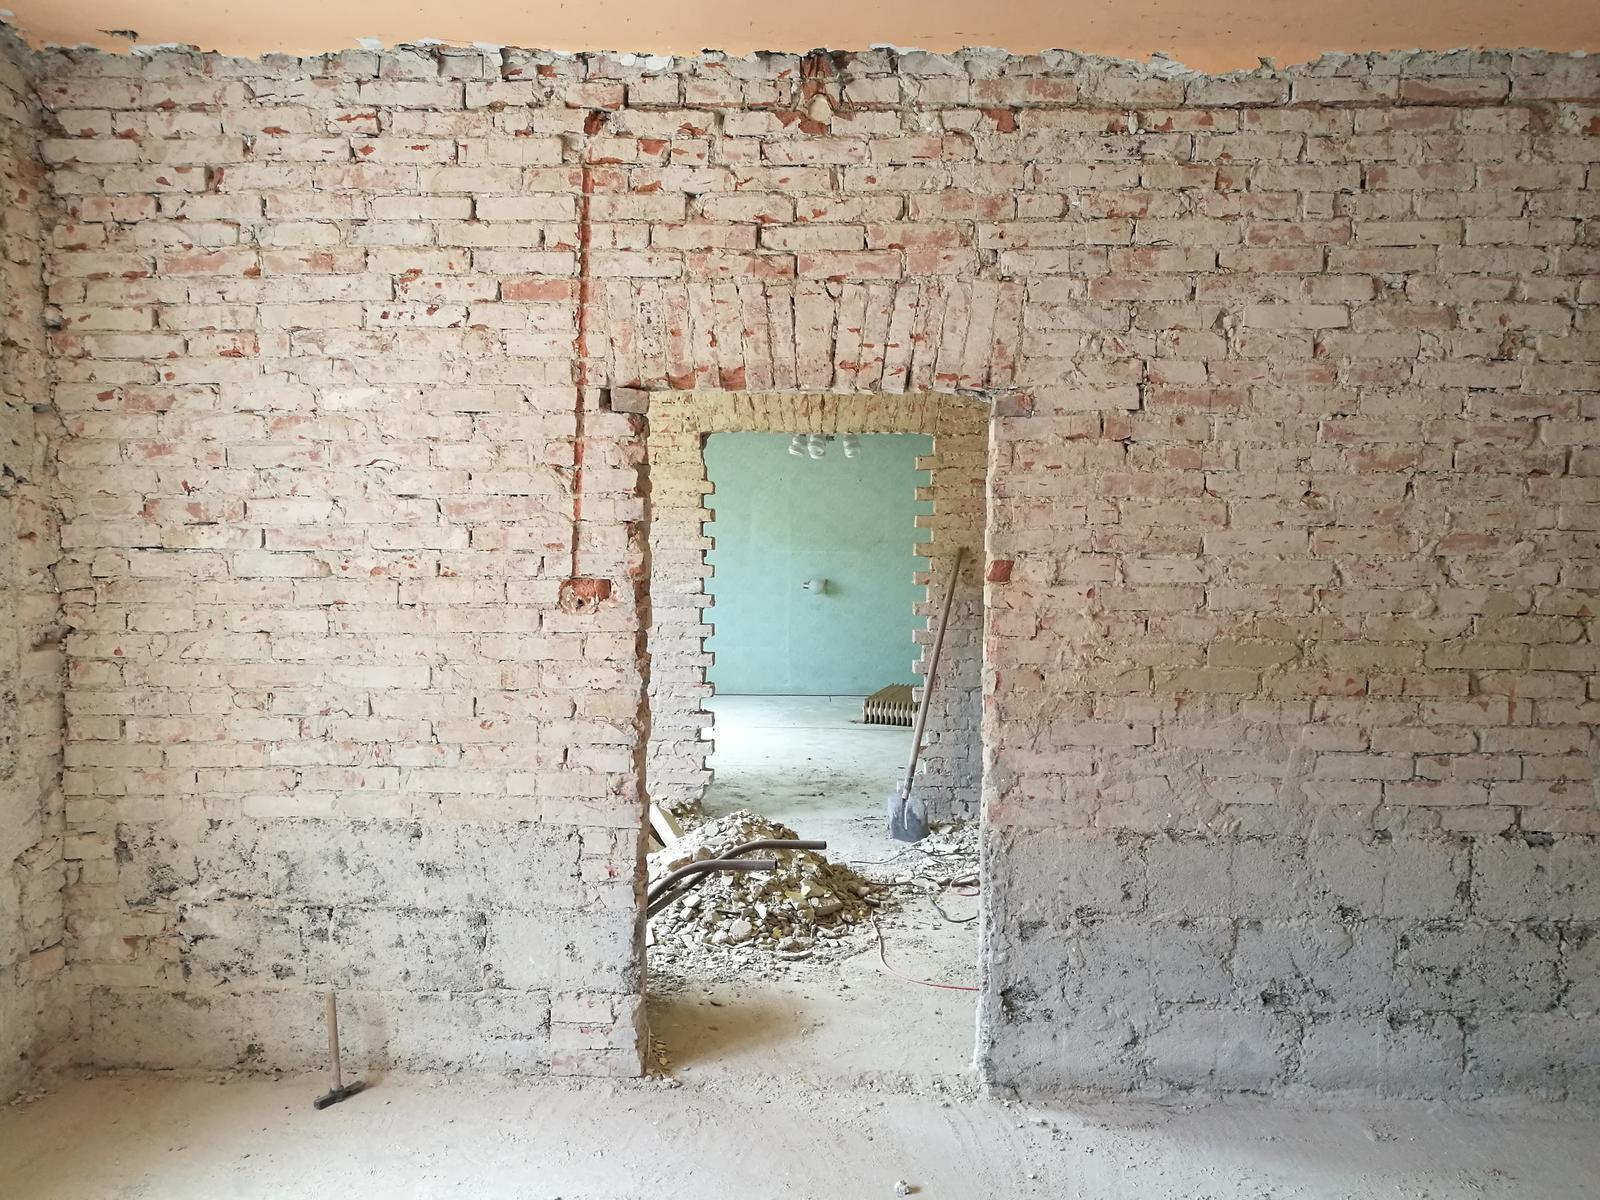 Náš budúci domov - rekonštrukcia rodinného domu - Priečky by sme radi dali preč a urobili z toho jeden veľký otvorený priestor.